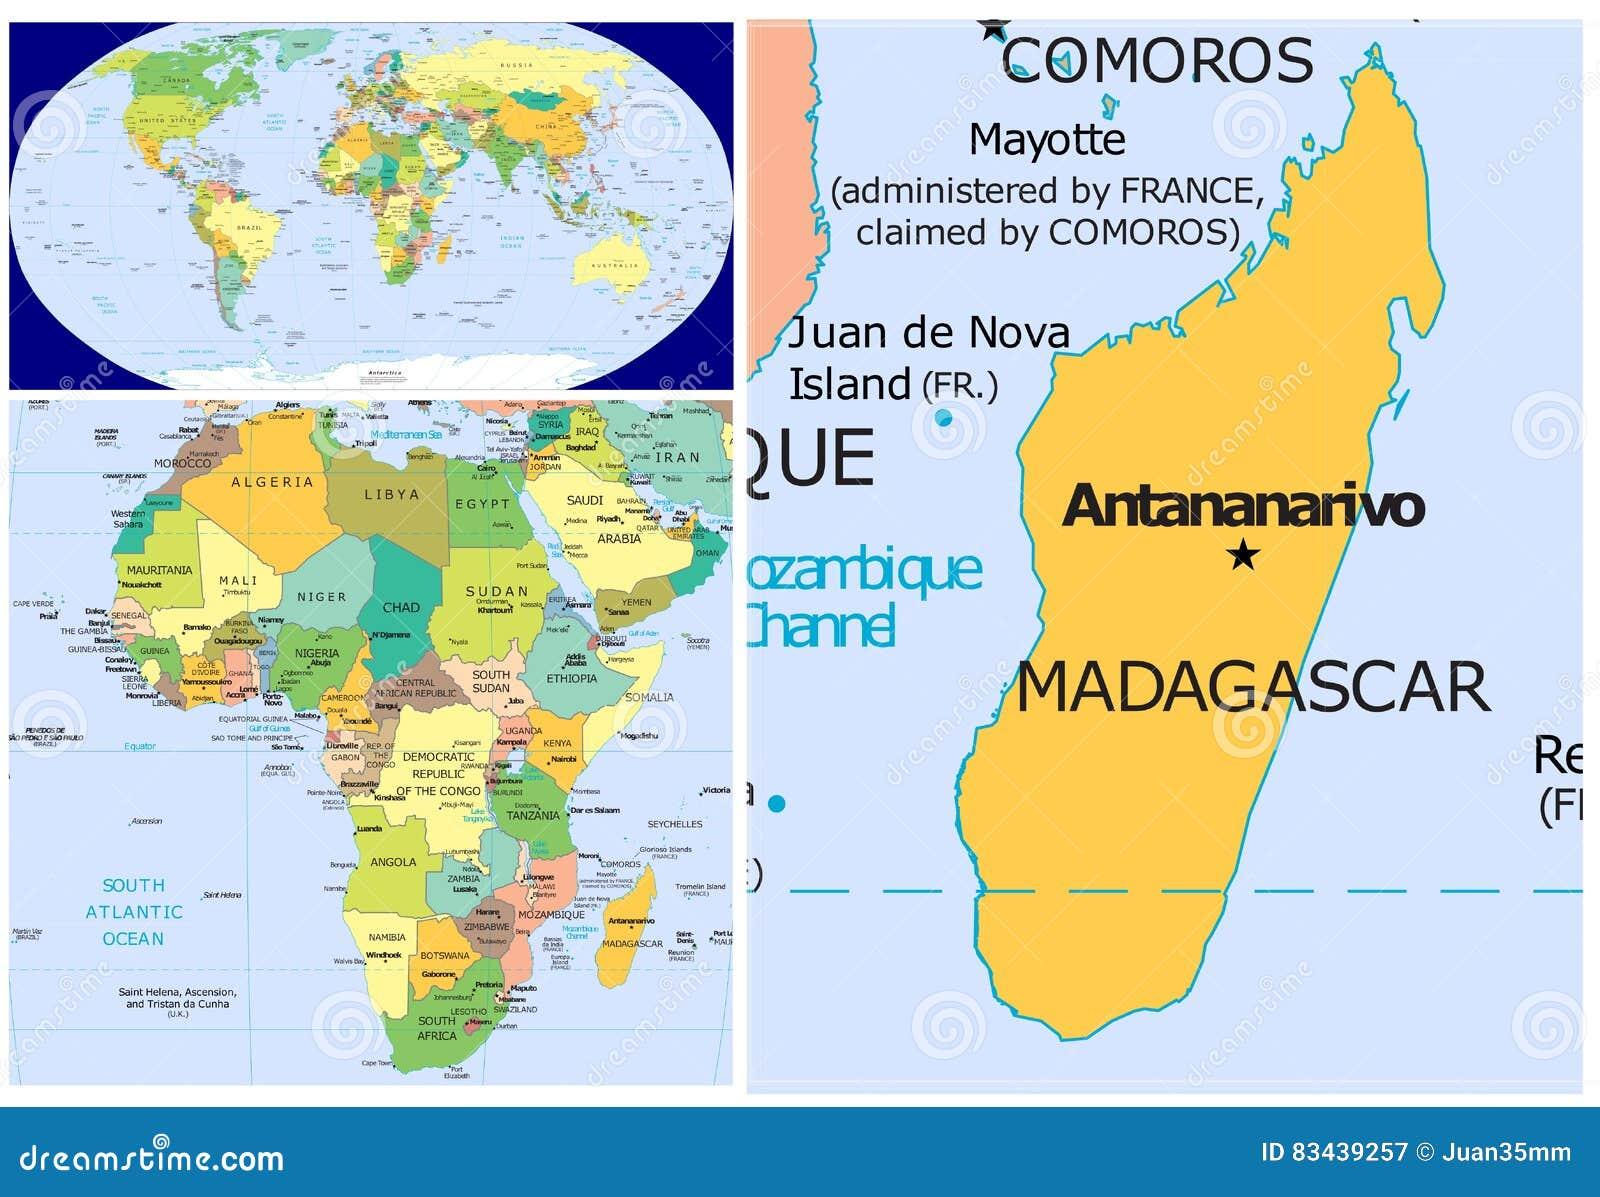 Madagascar & World stock illustration. Illustration of congo - 83439257